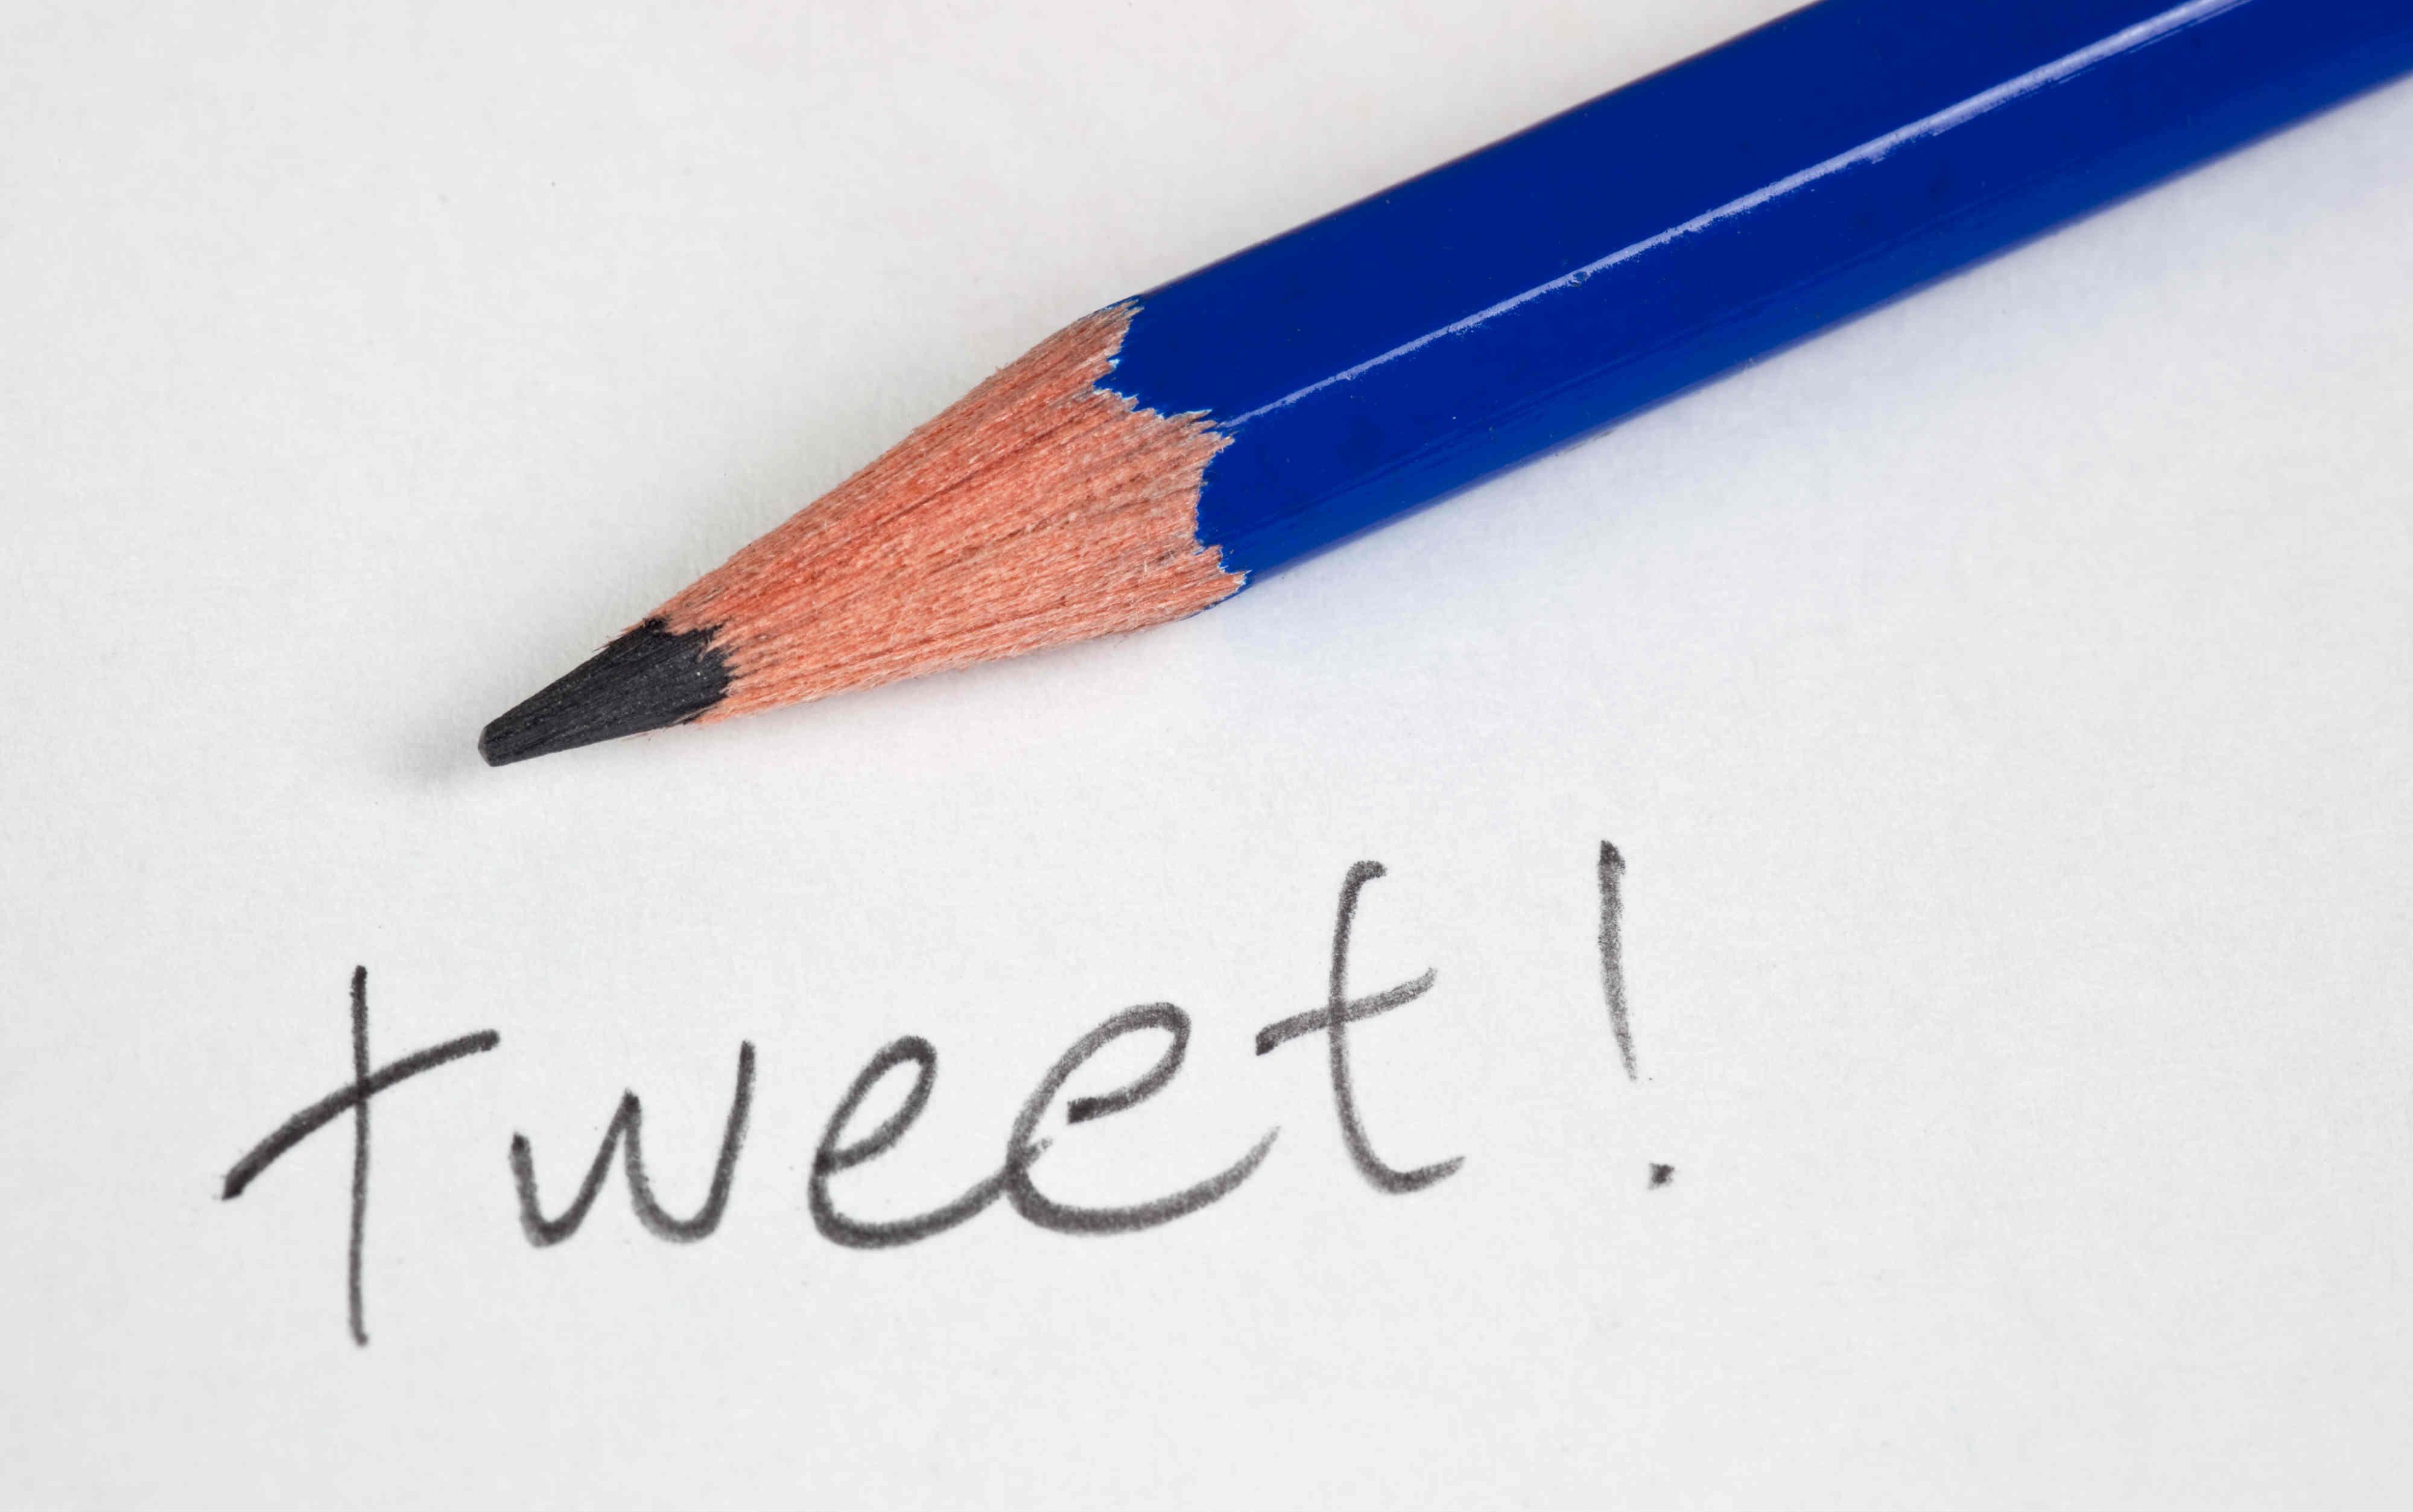 携帯乗り換え(MNP)でTwitter引き継ぎの方法!便利機能3選